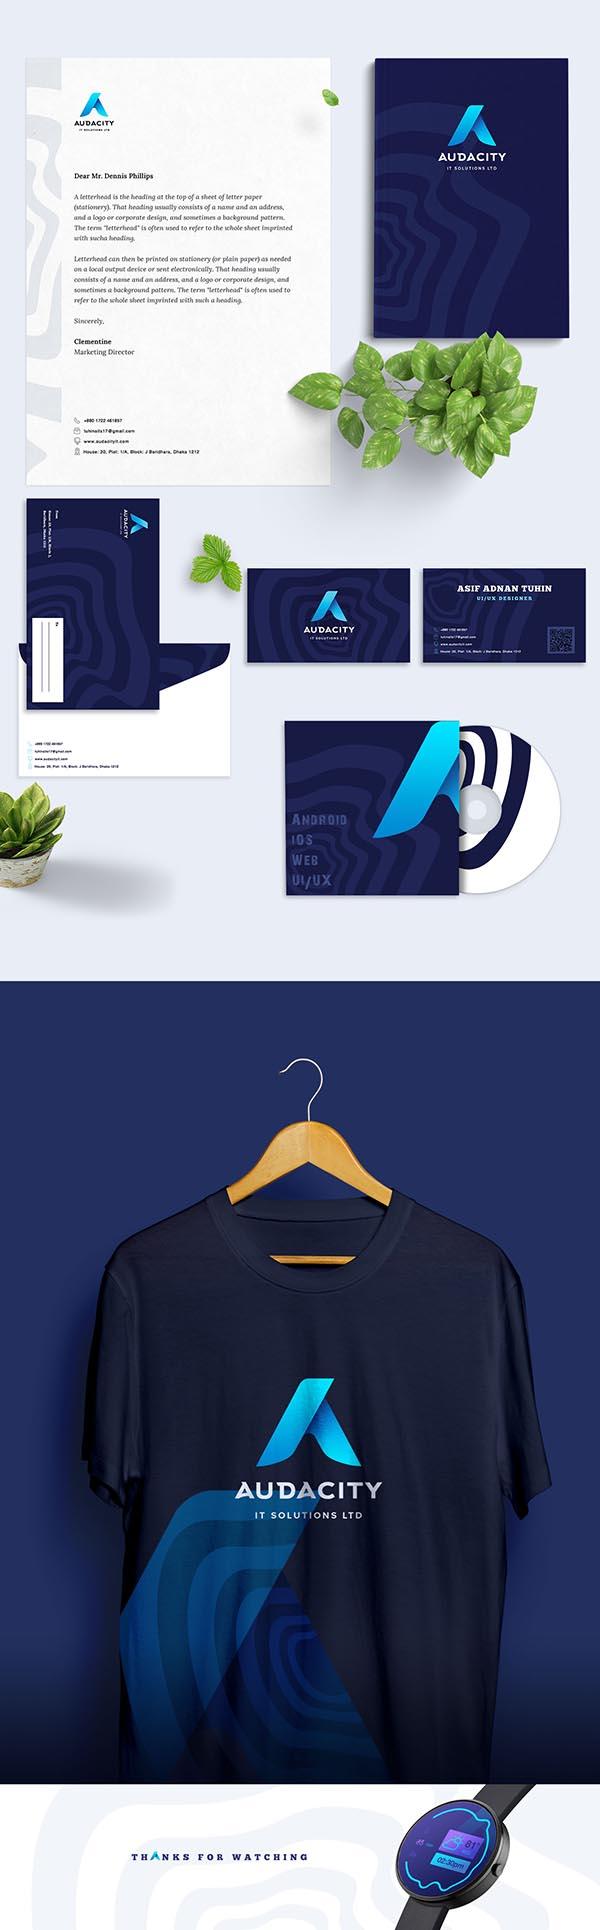 品牌物料模板